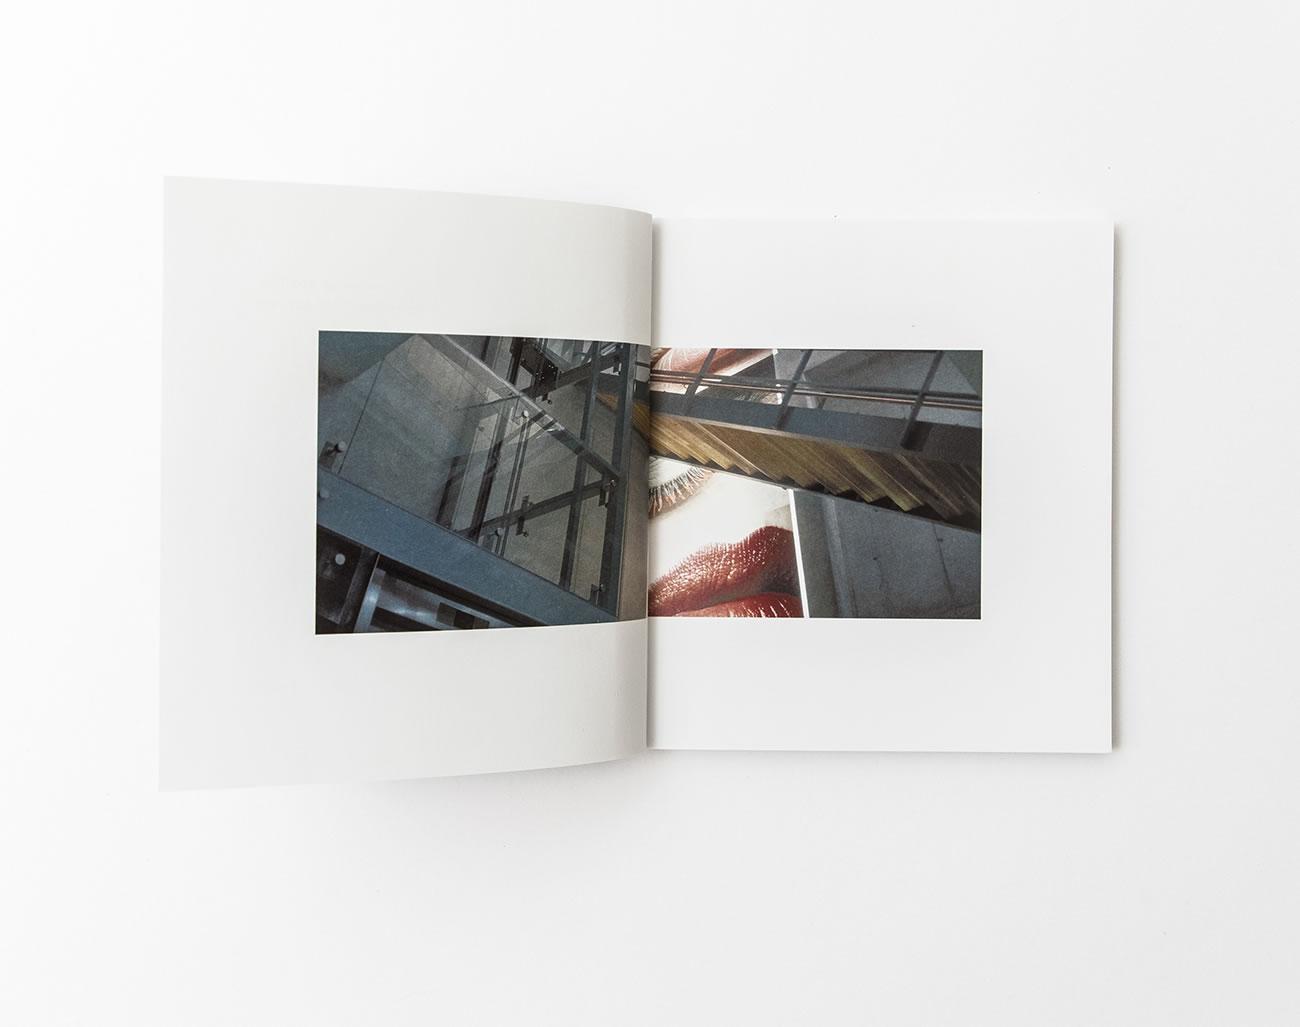 Petra Zimmerer, Büro für Gestaltung, Architektur, Buch, jb architekten, Schwan Stabilo